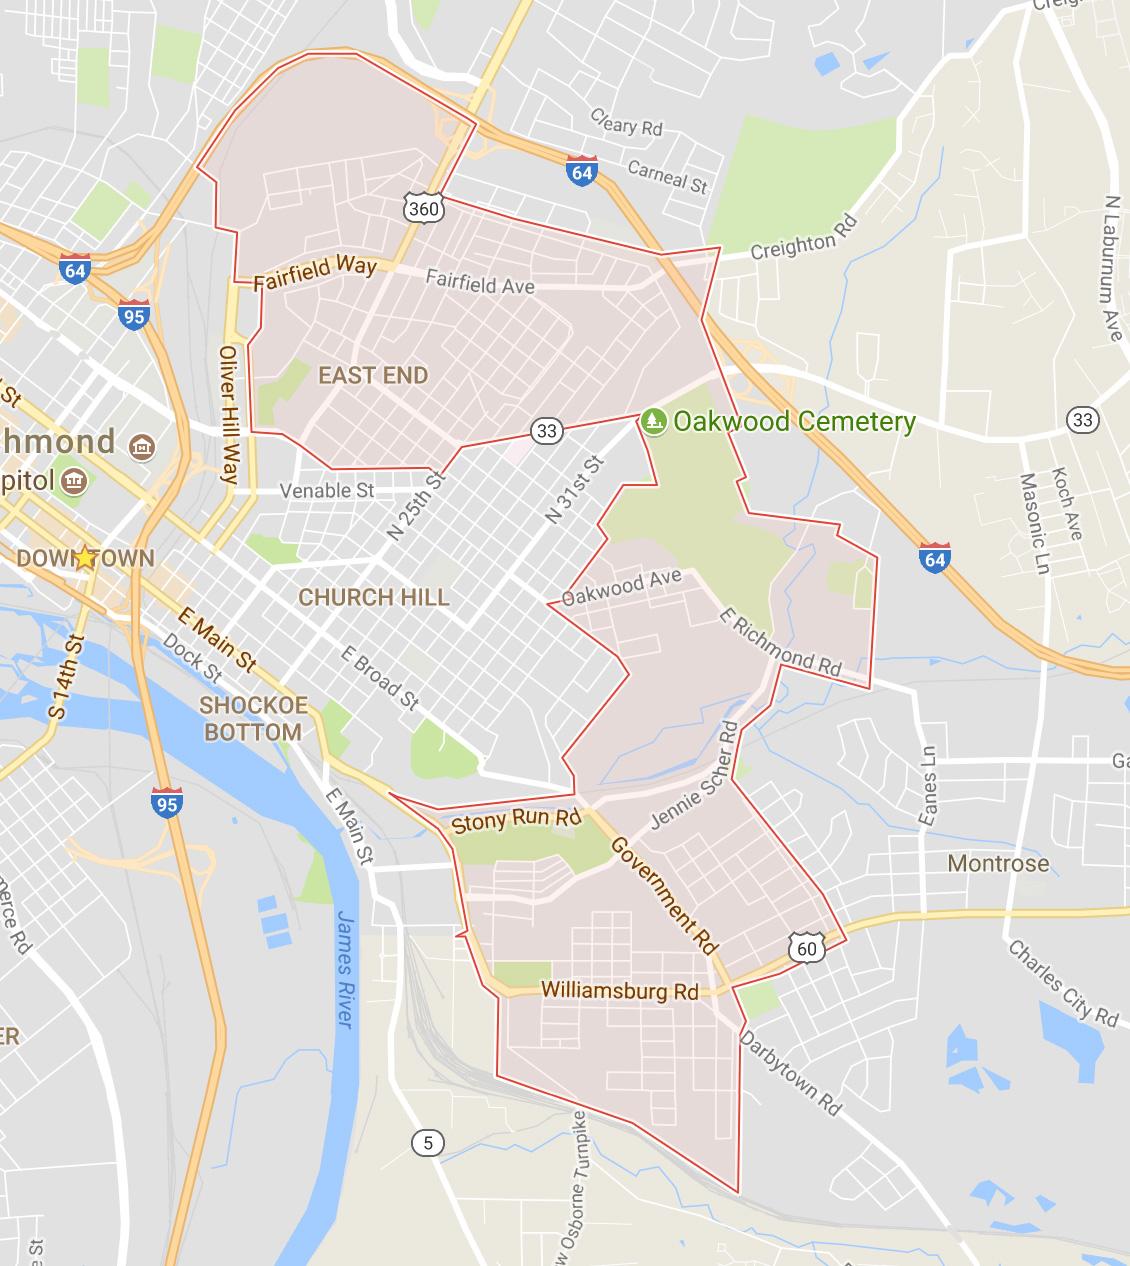 eastendmap